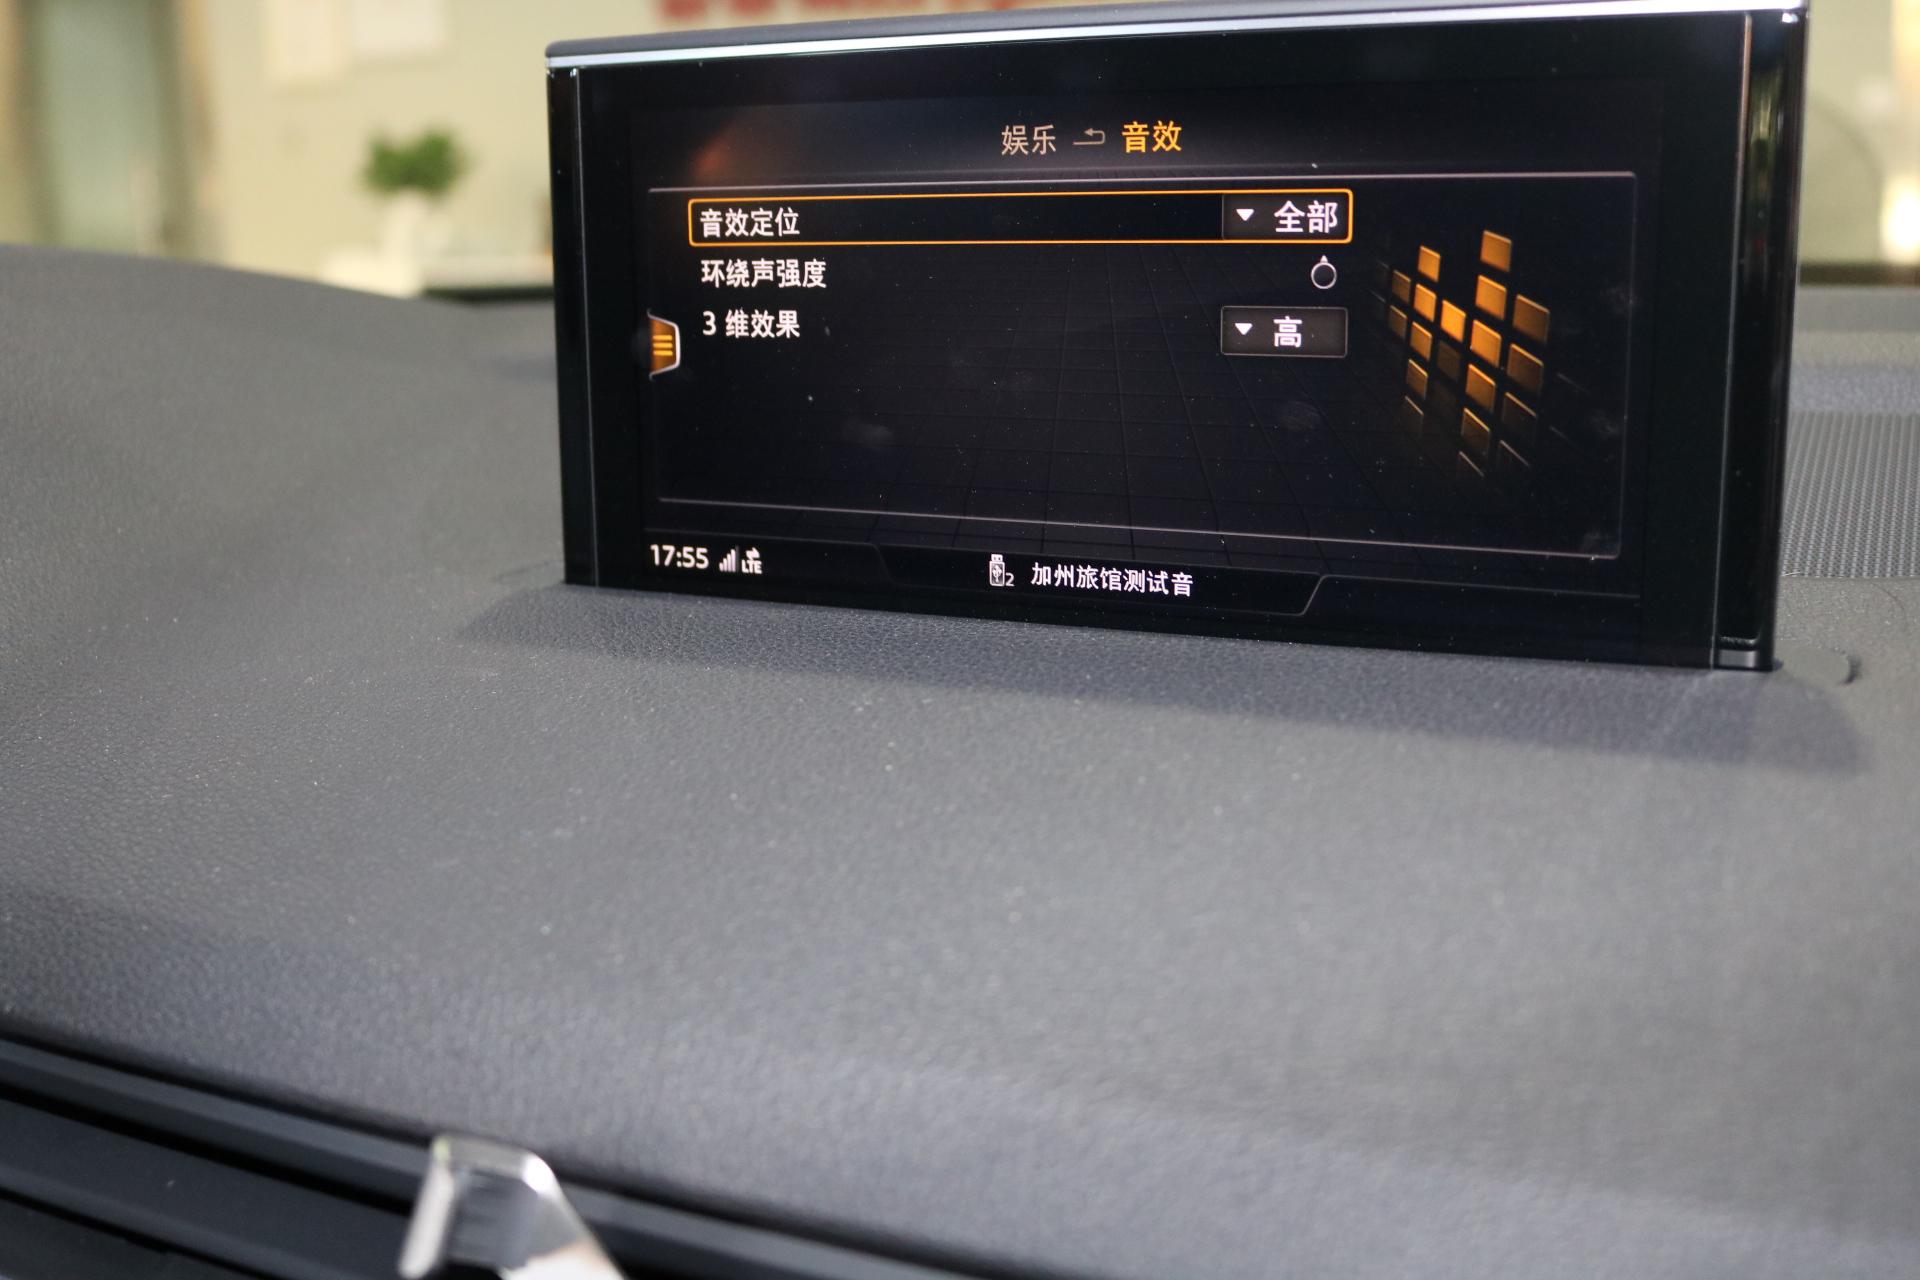 深圳奥迪Q7改装bose音响